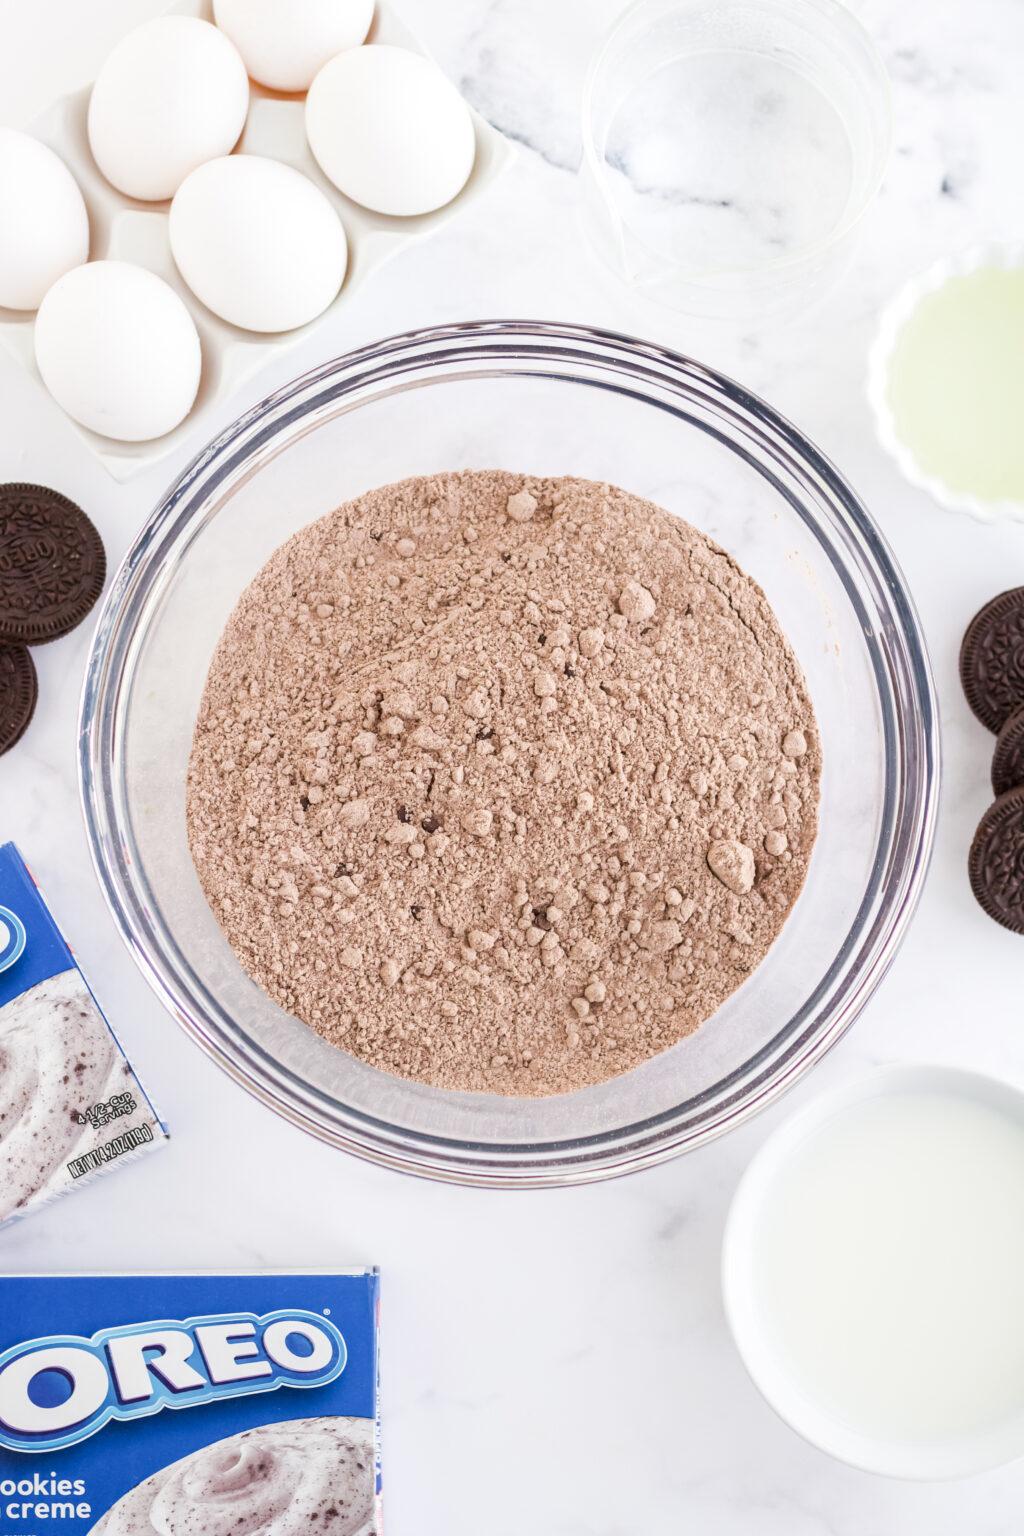 oreo poke cake ingredients in bowl